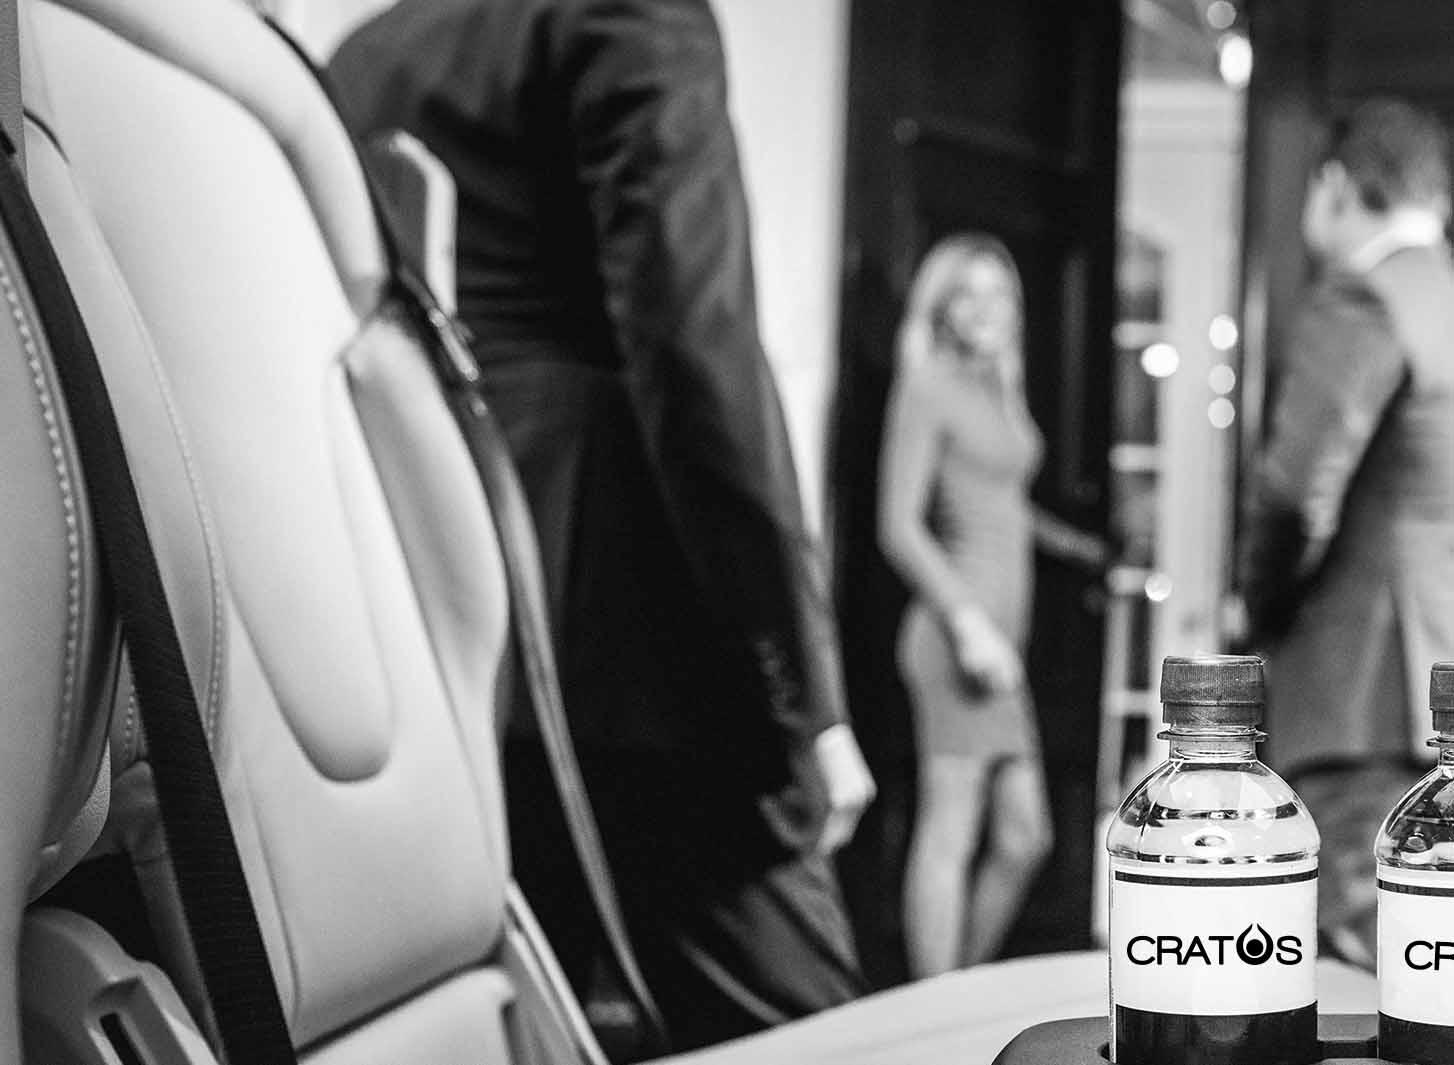 Cratos chauffeursdiensten - extra service